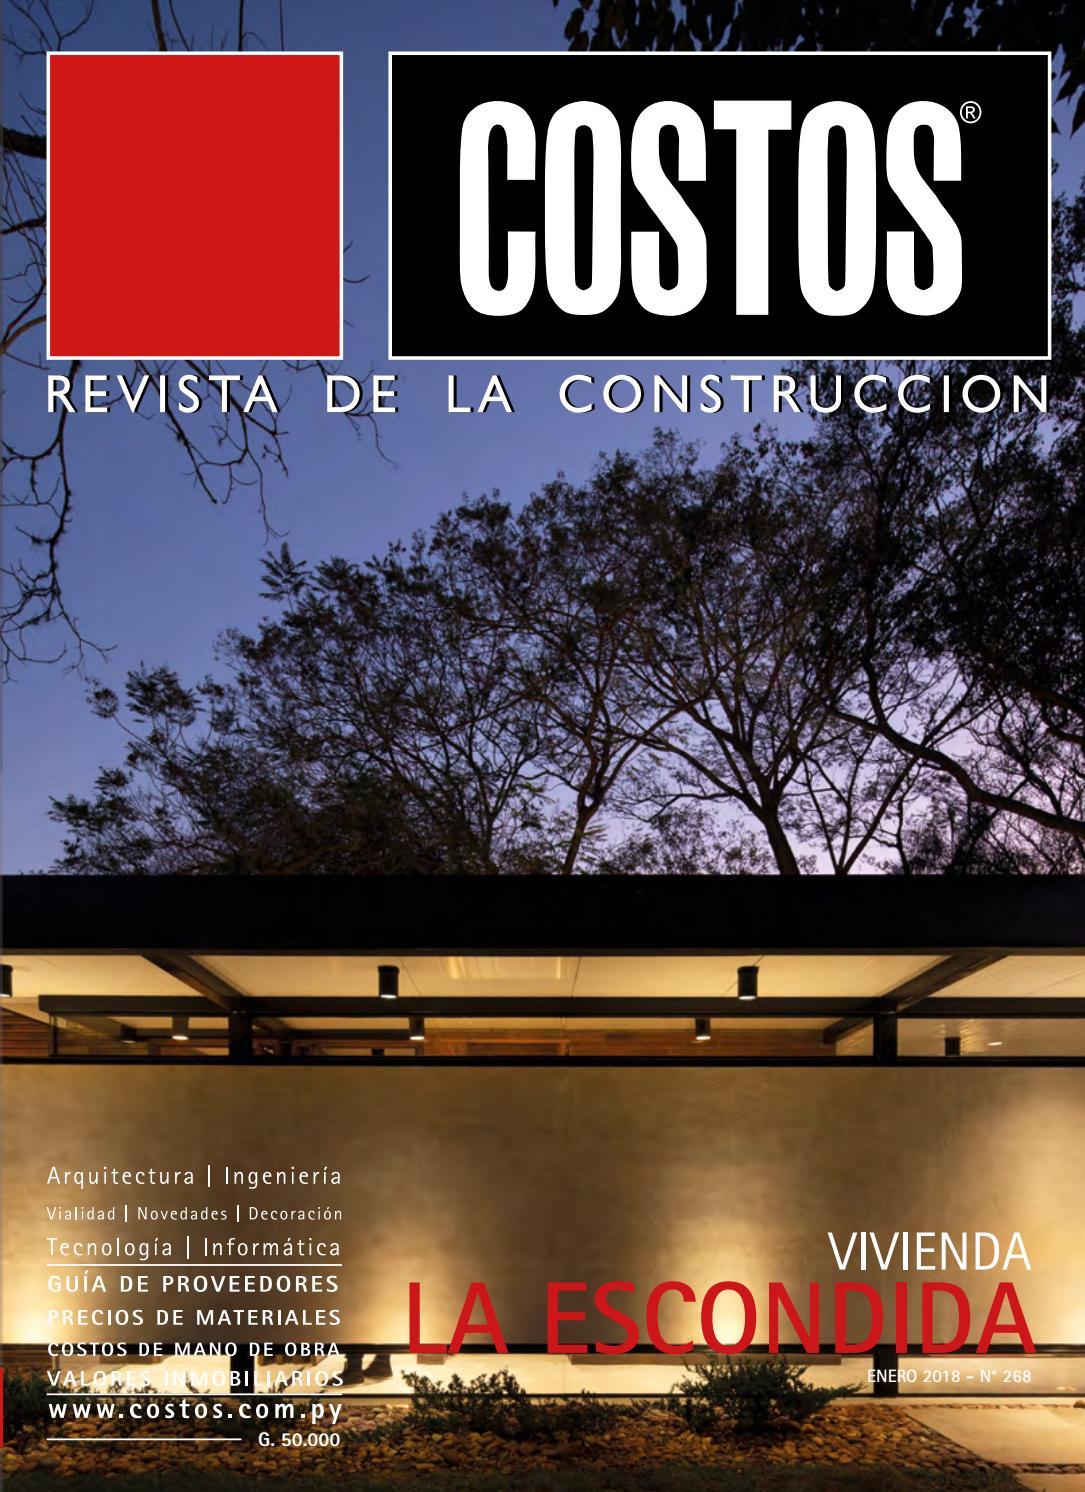 Costos 268 enero 2018 by Revista Costos (Paraguay) - issuu